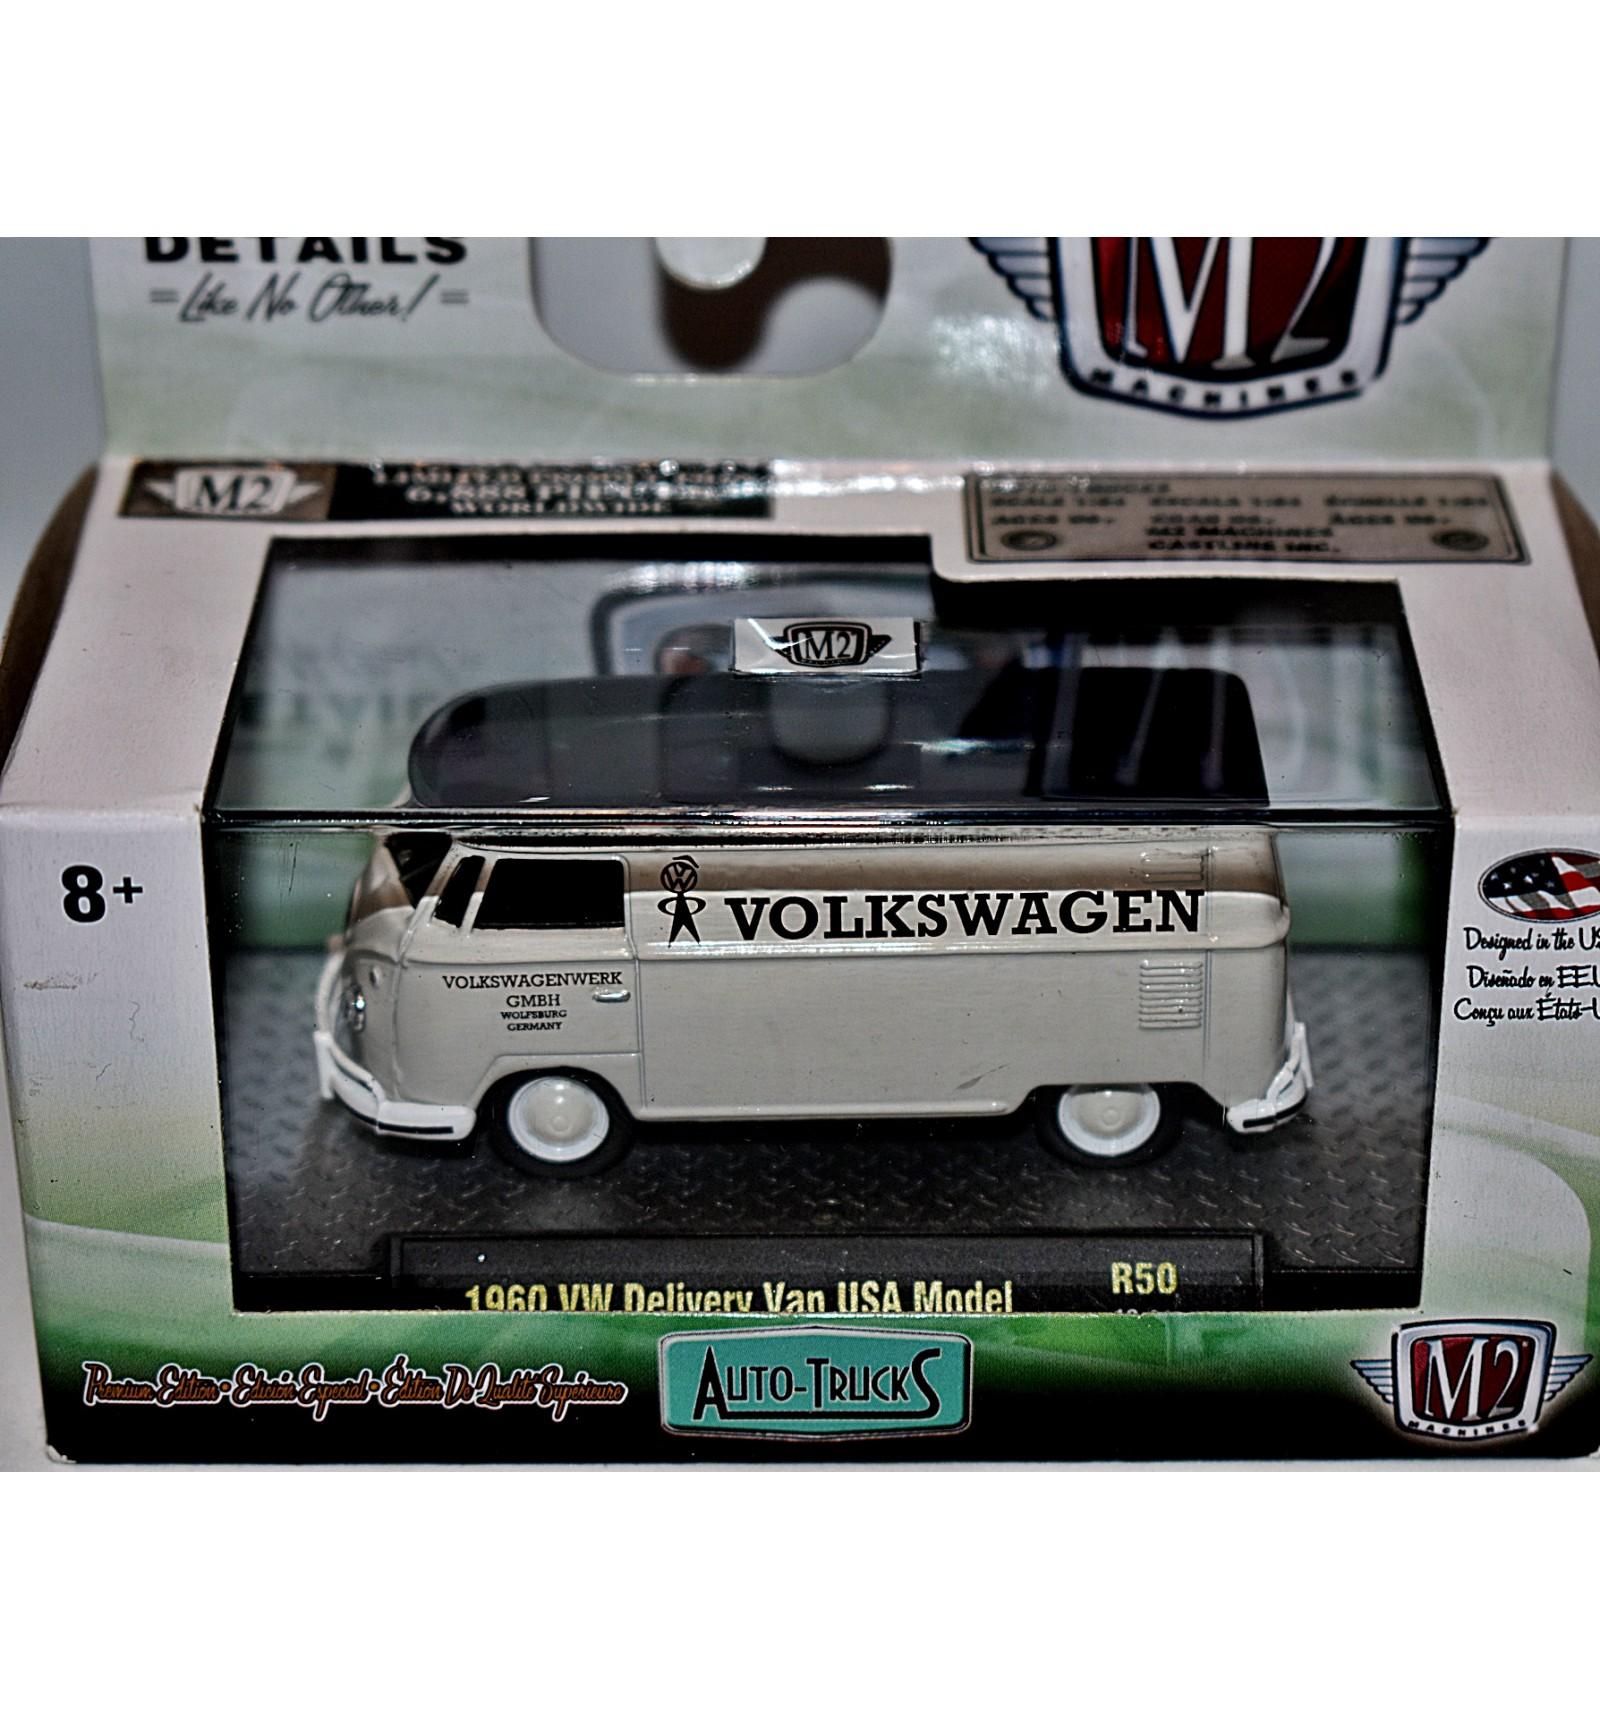 M2 Machines 1960 Volkswagen Delivery Van Truck Usa Model Global Cast Direct